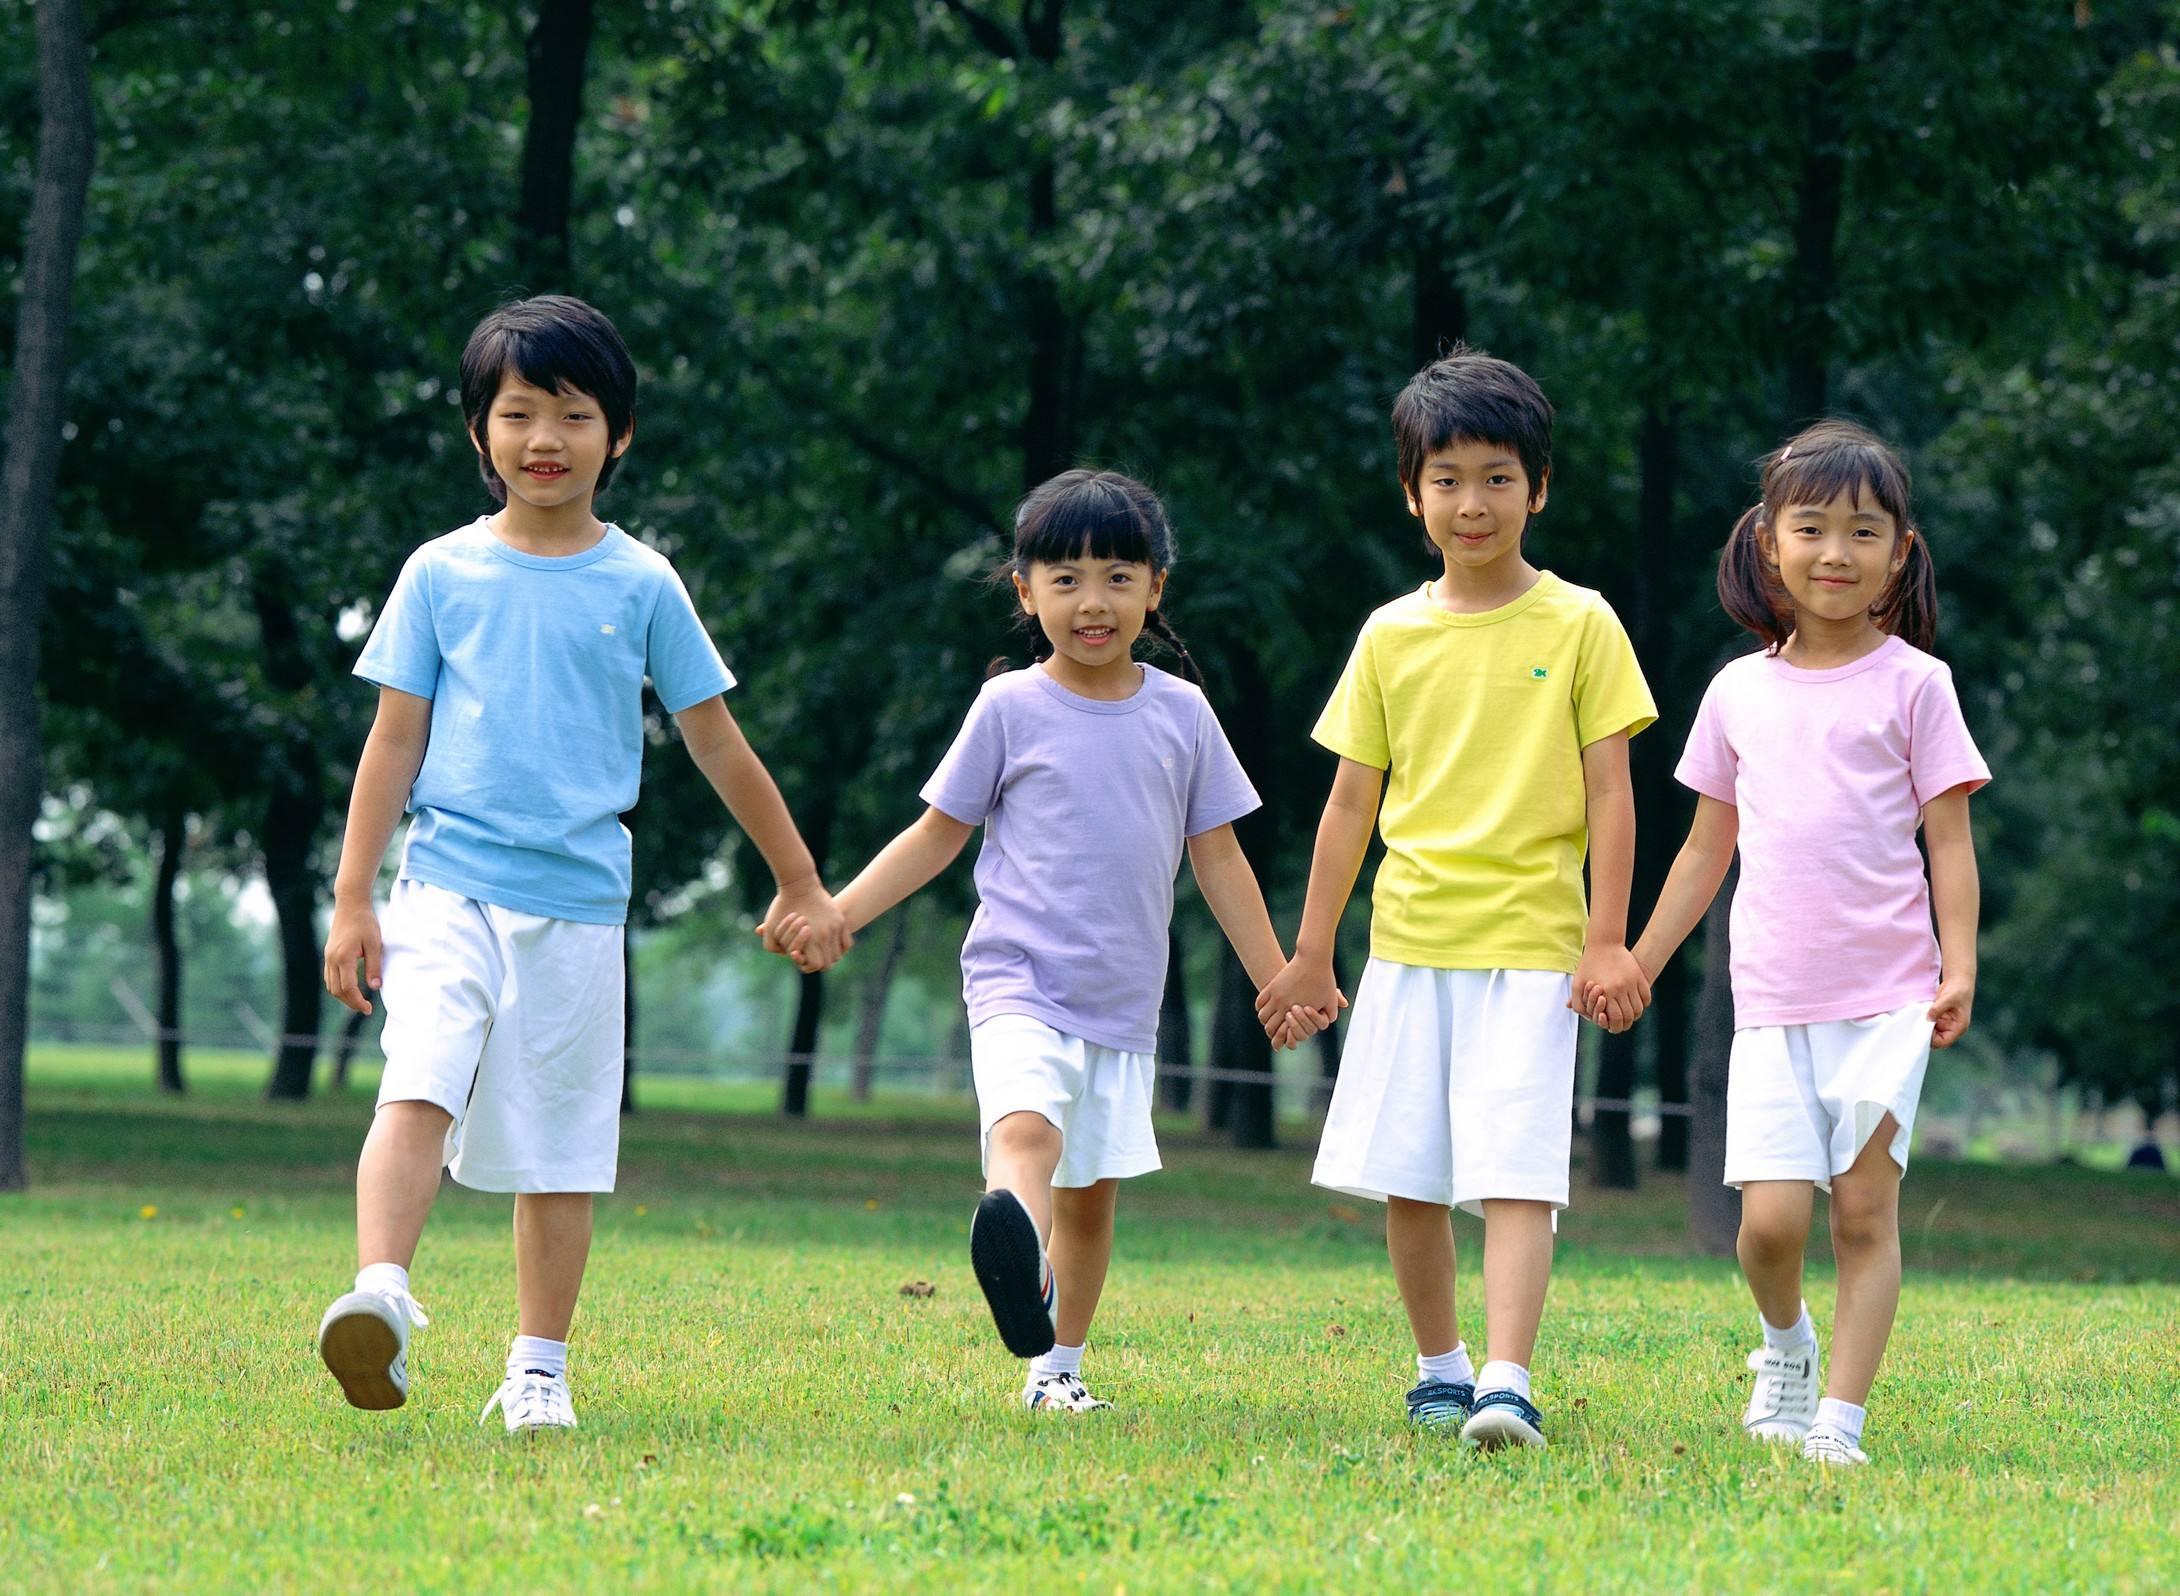 儿童公益组织行为准则指南